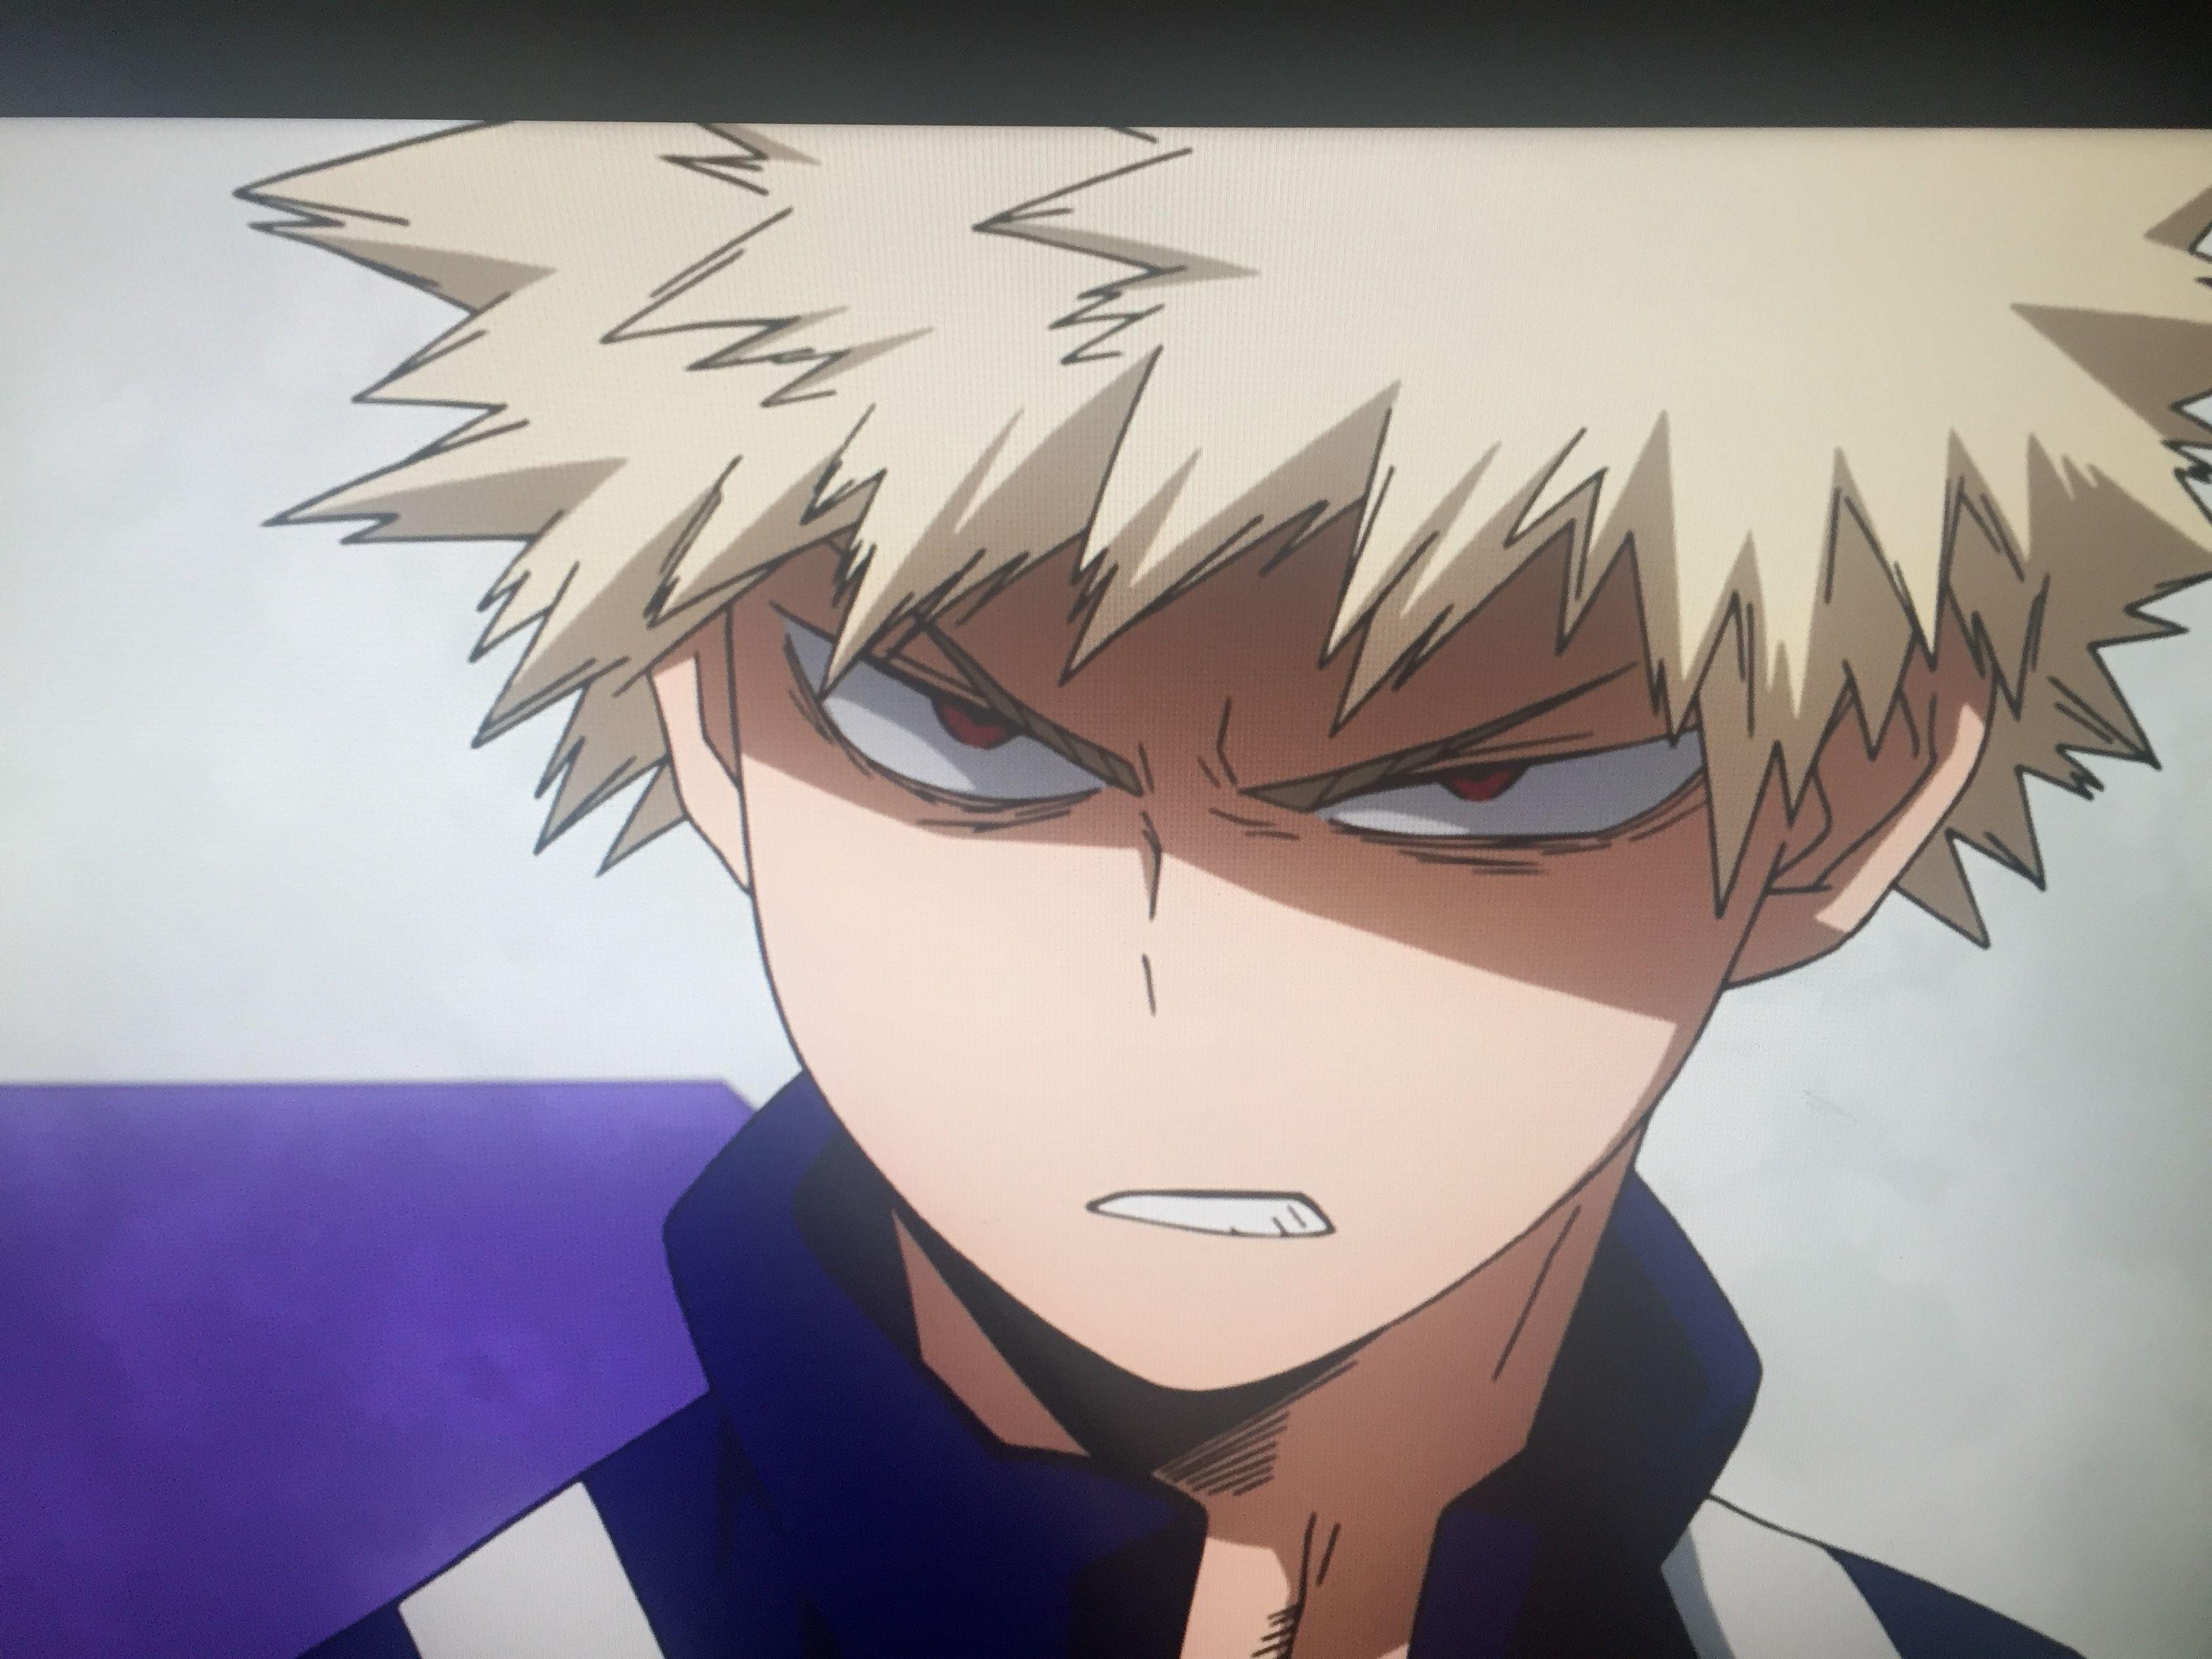 Angry BAKUGO Anime, Manga anime, Hero